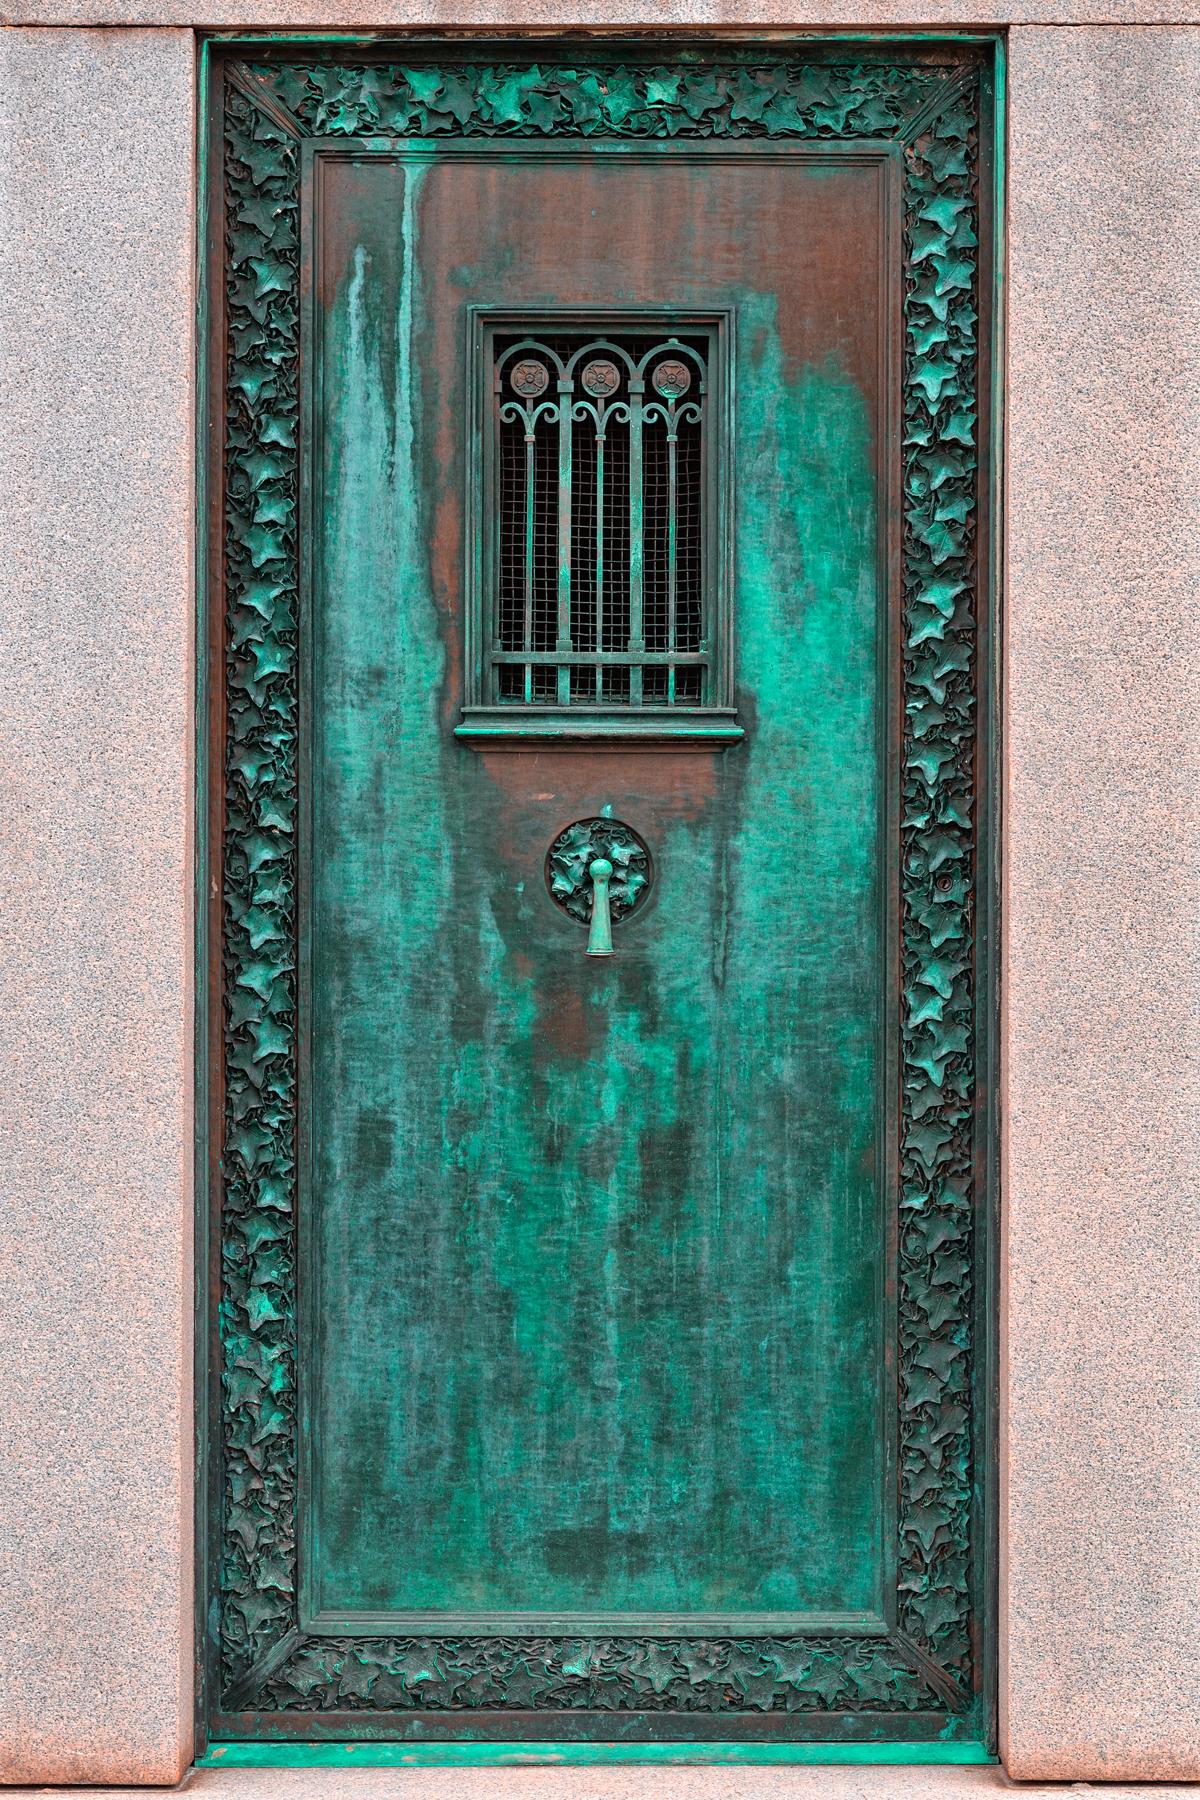 Mausoleum door - hdr photo